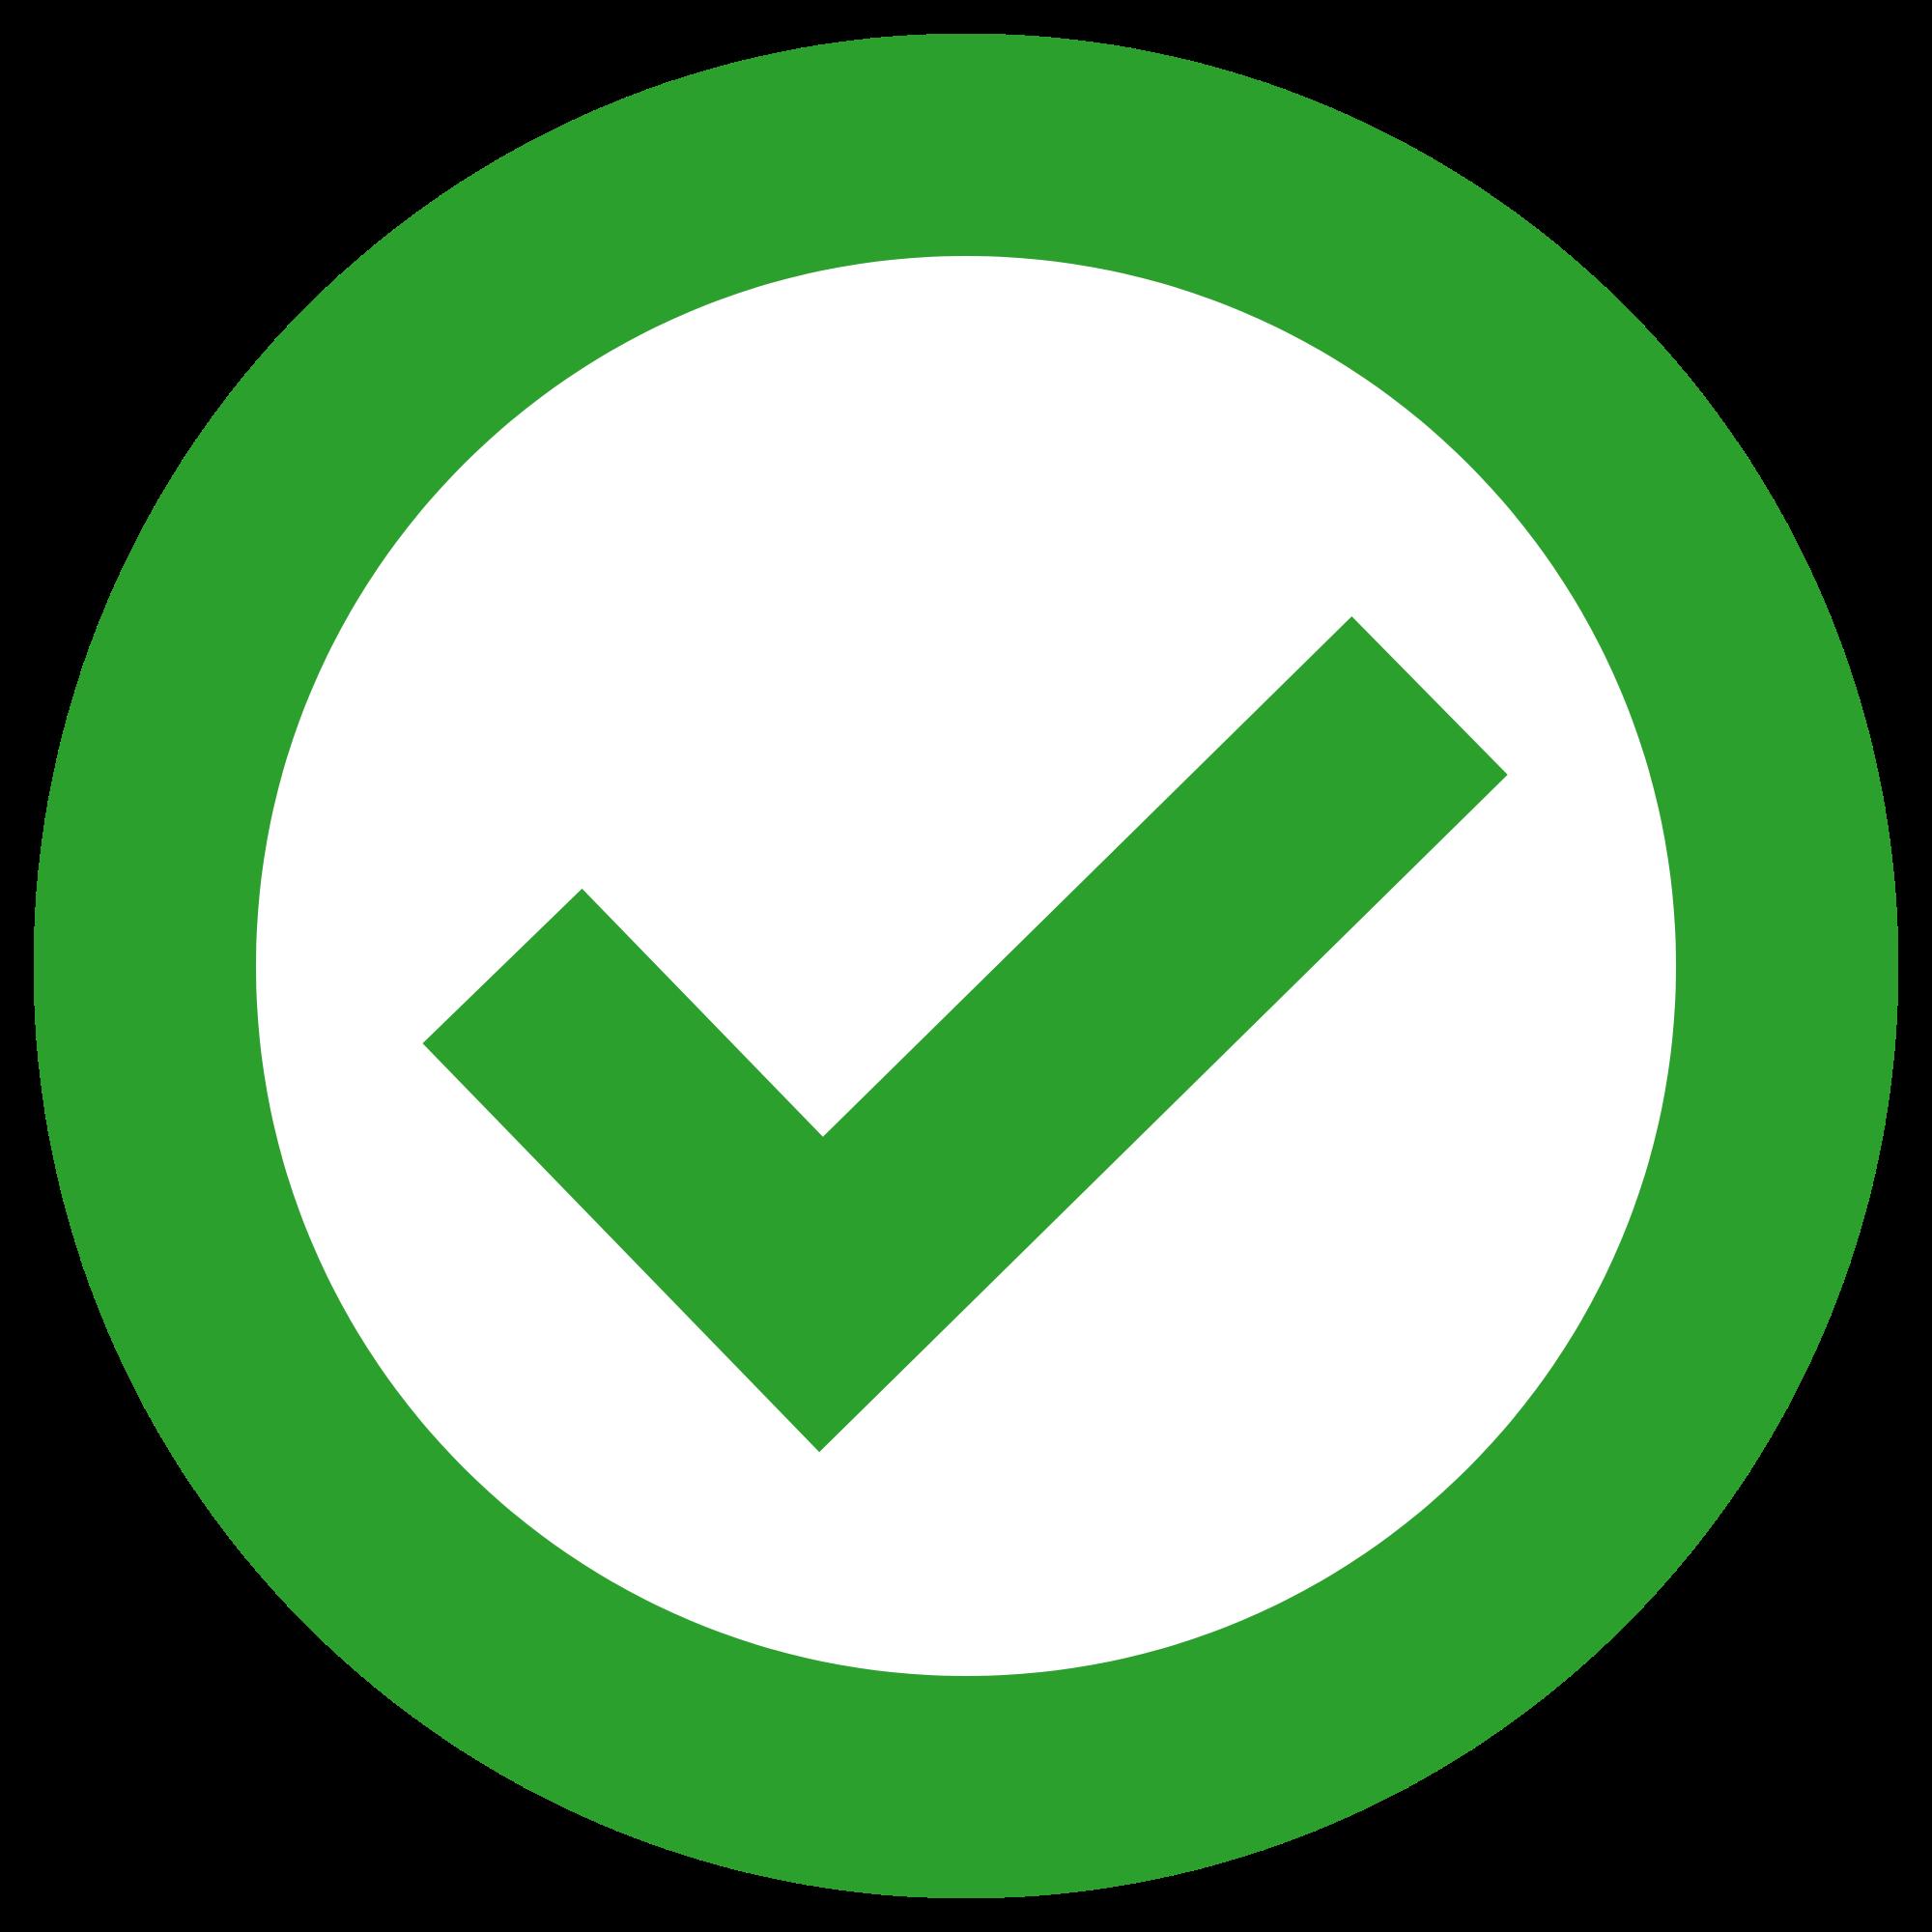 icon-check